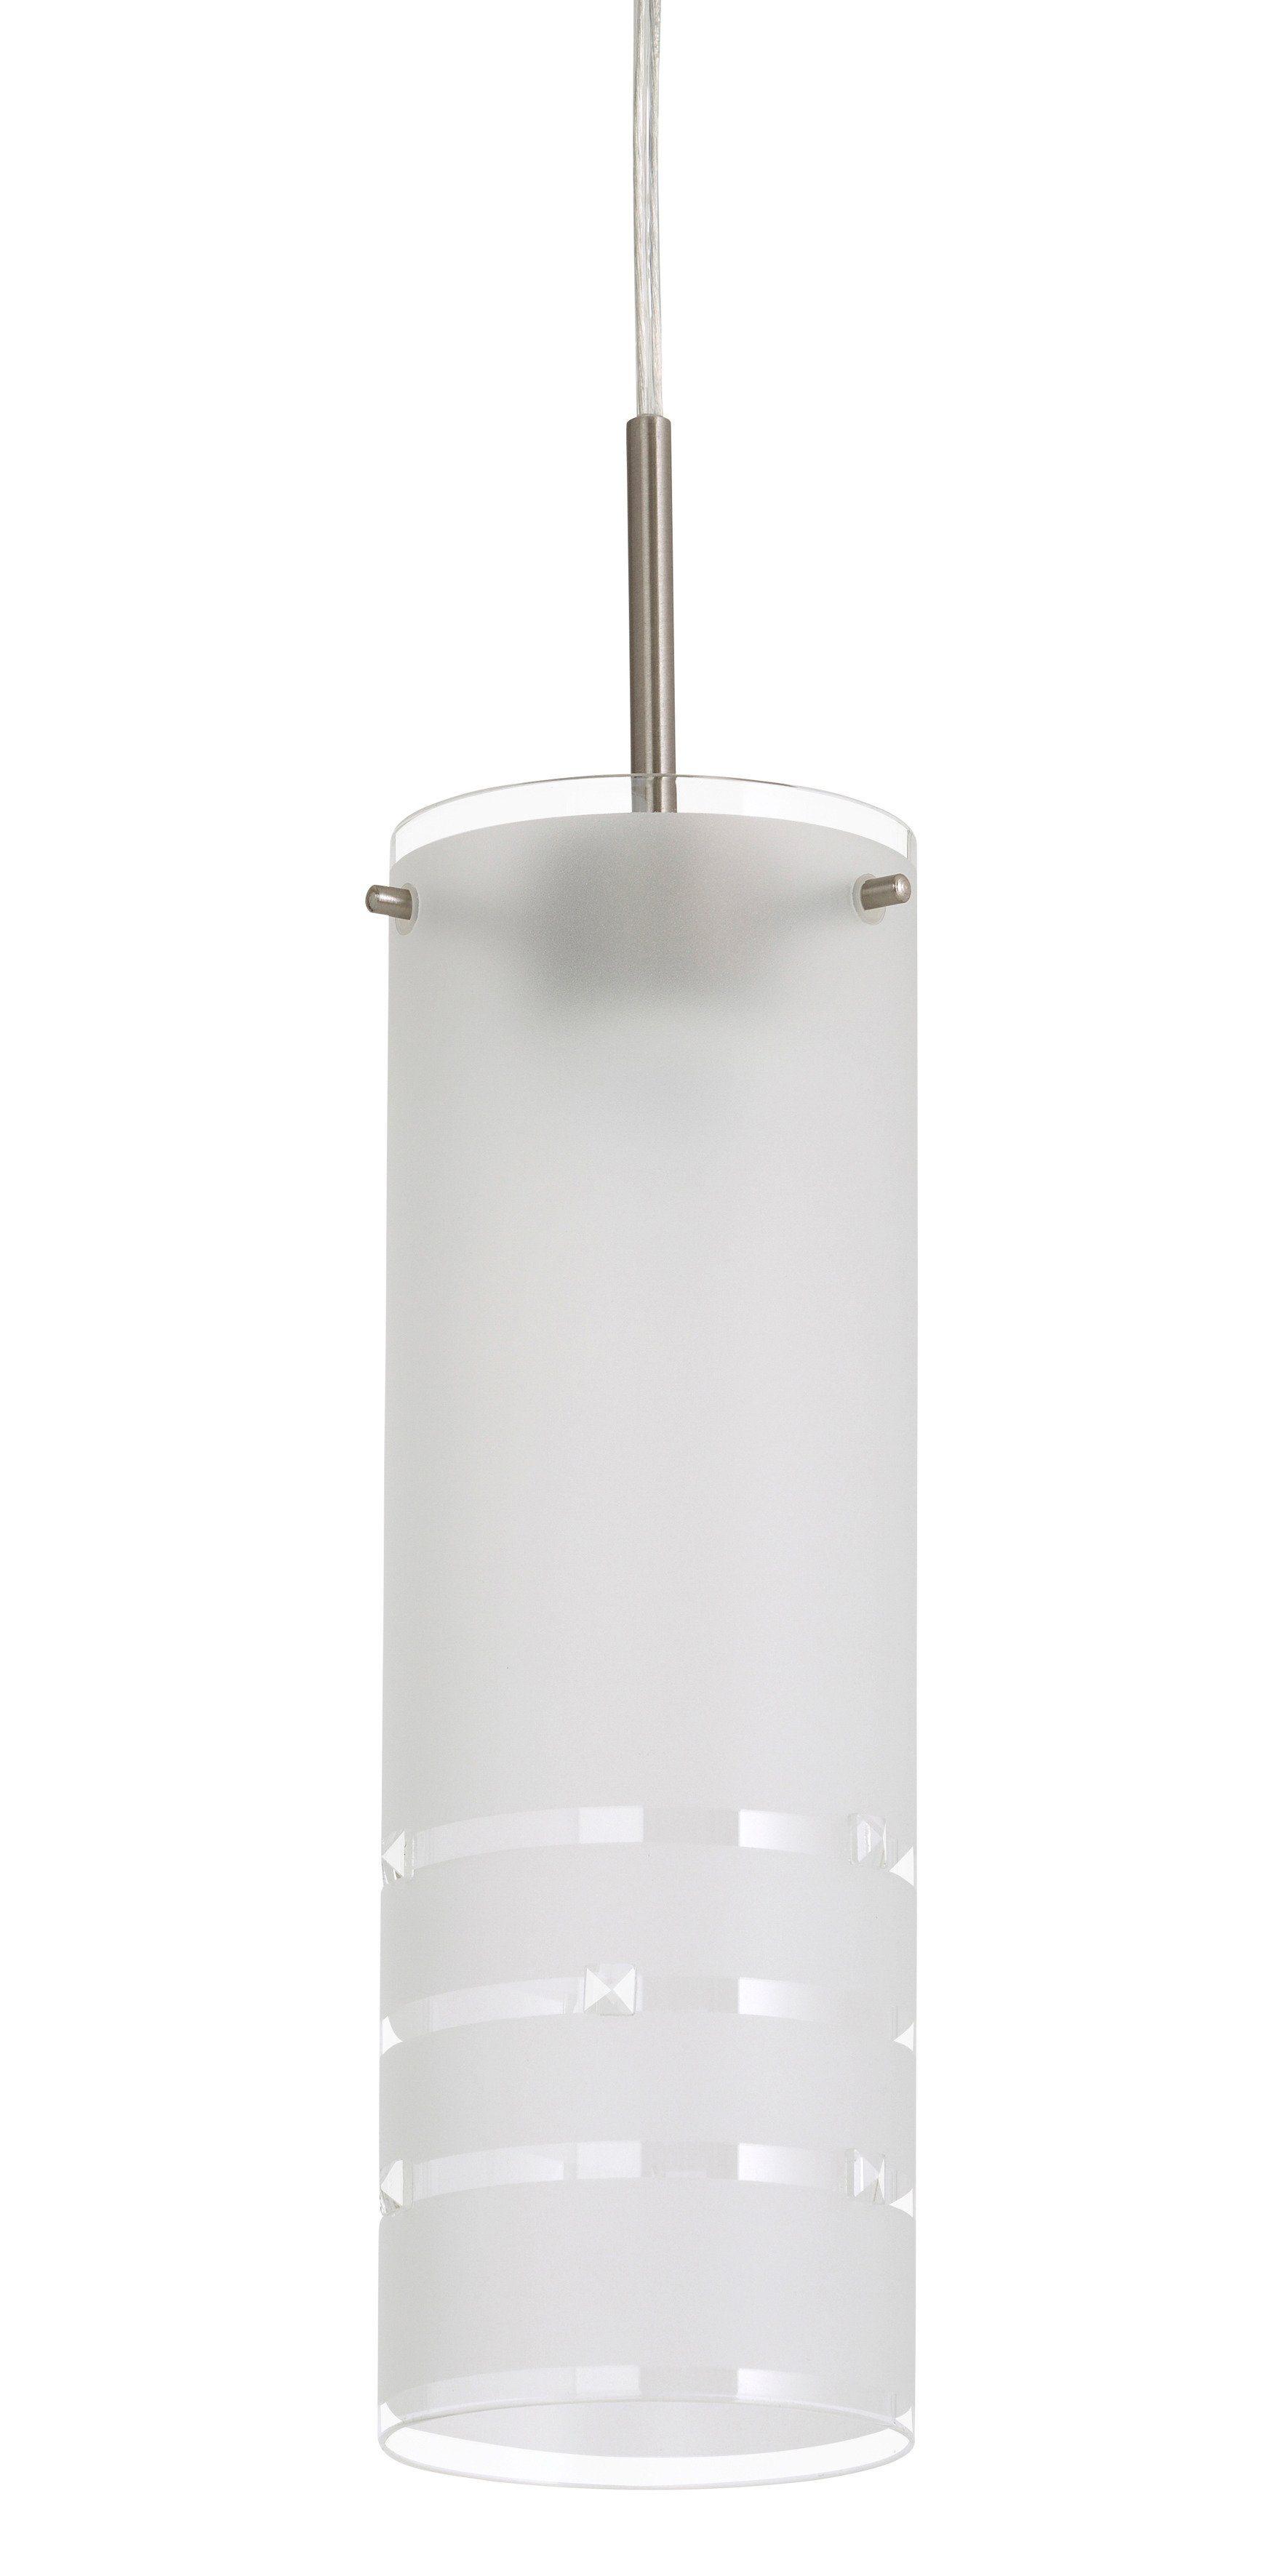 Briloner LED Pendelleuchte »Canna«, 5W